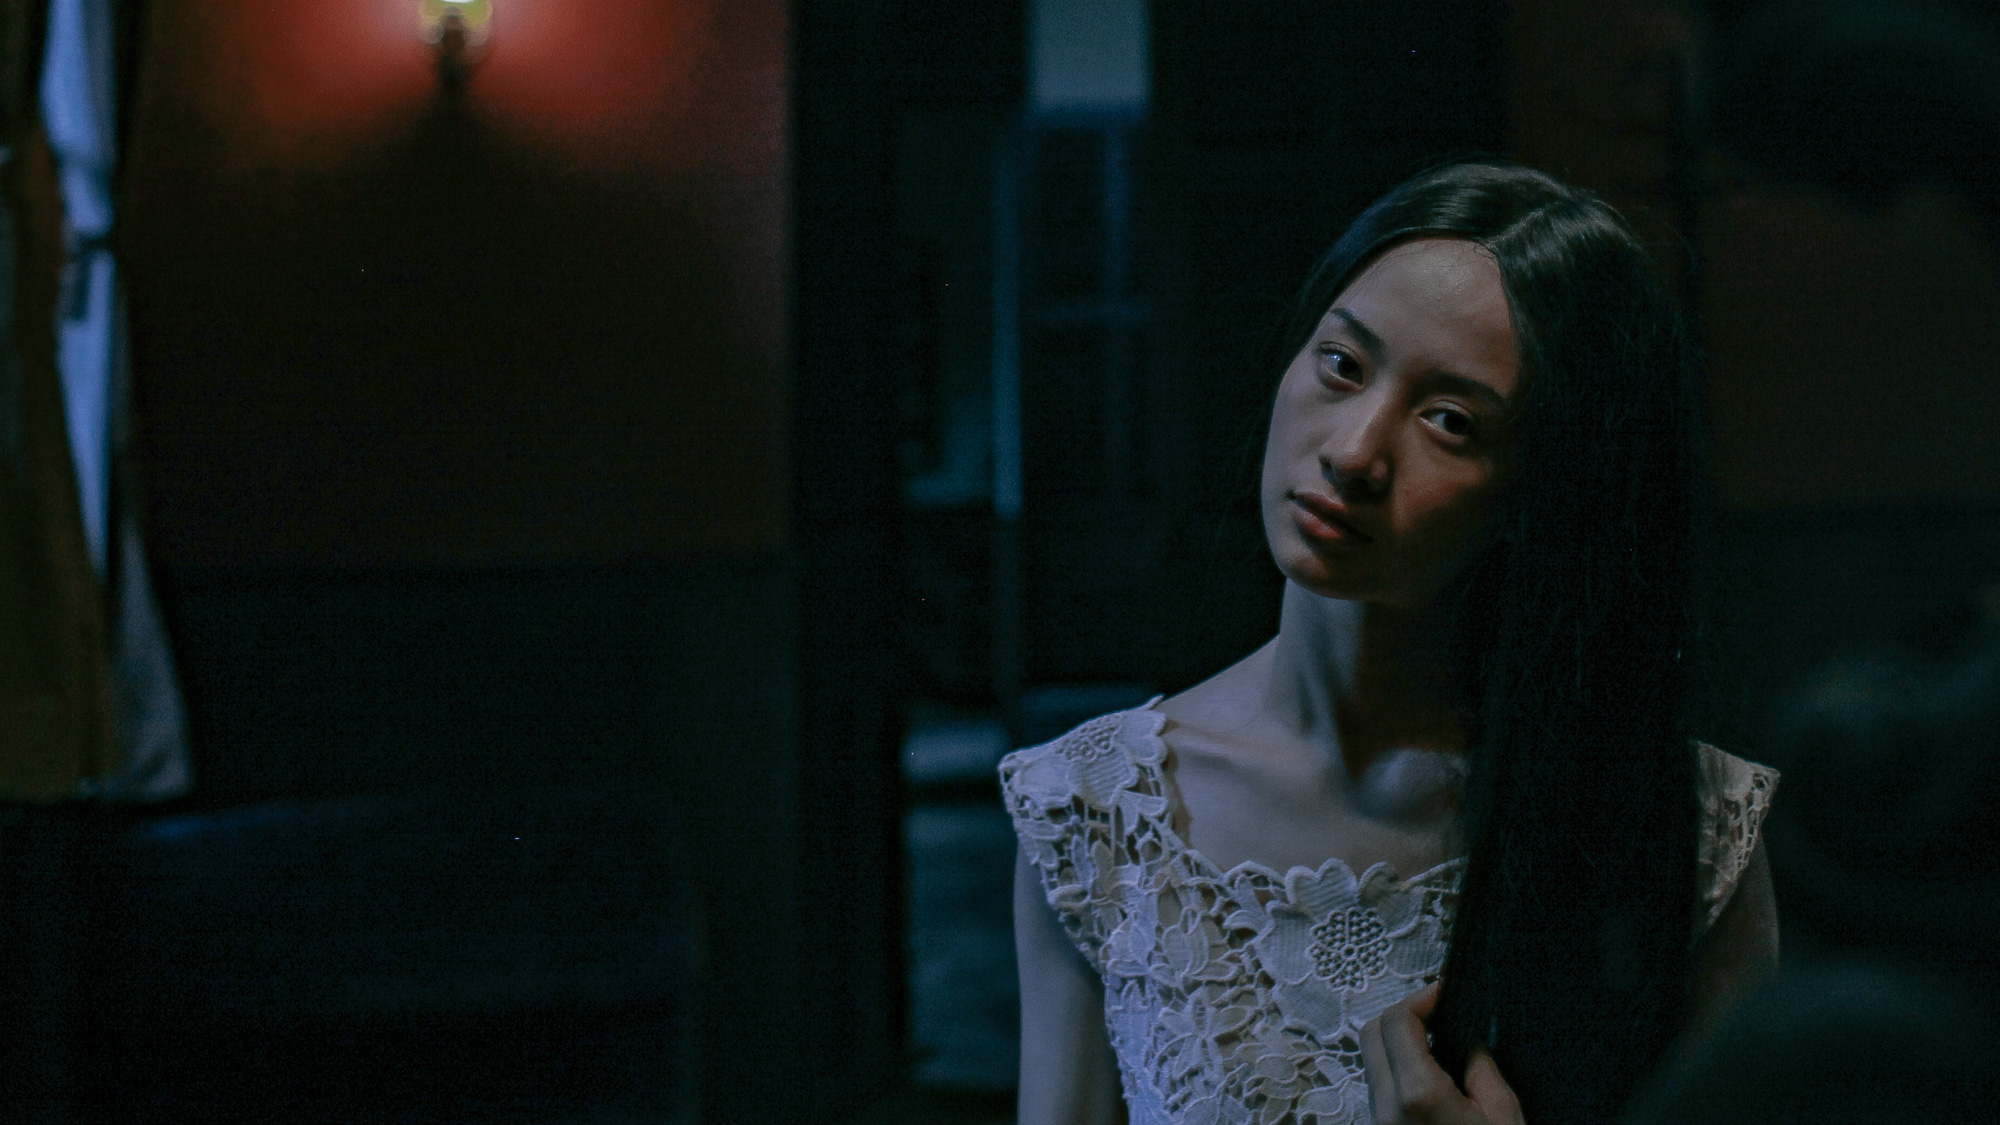 'Hết hồn' khi thấyJun Vũ bất động trước gương như một bóng ma 5